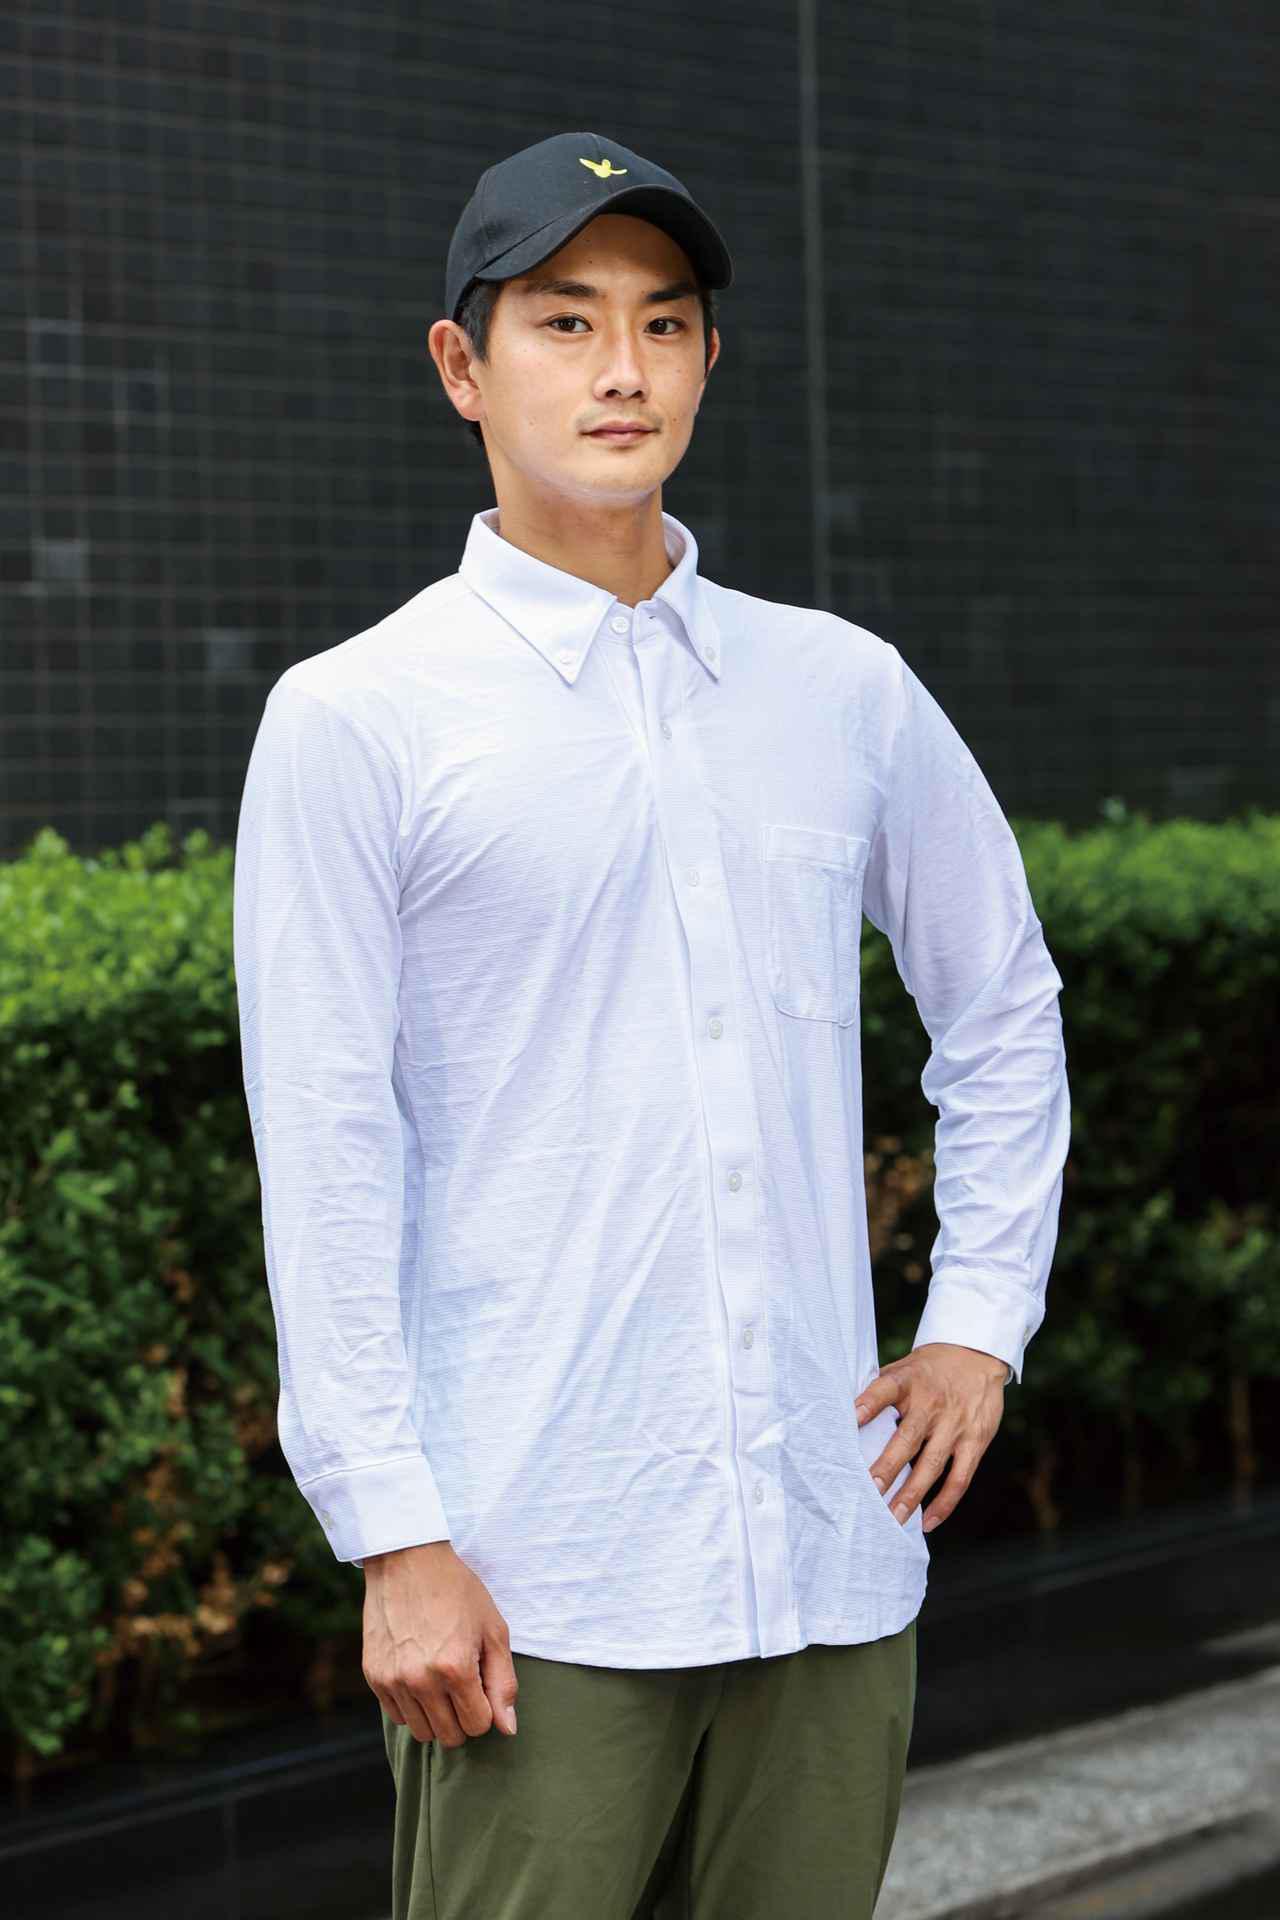 画像: FREEZE TECH/冷却長袖ボタンダウンシャツ 税込価格:12,980円 サイズ:S、M、L、XL カラー:ホワイト